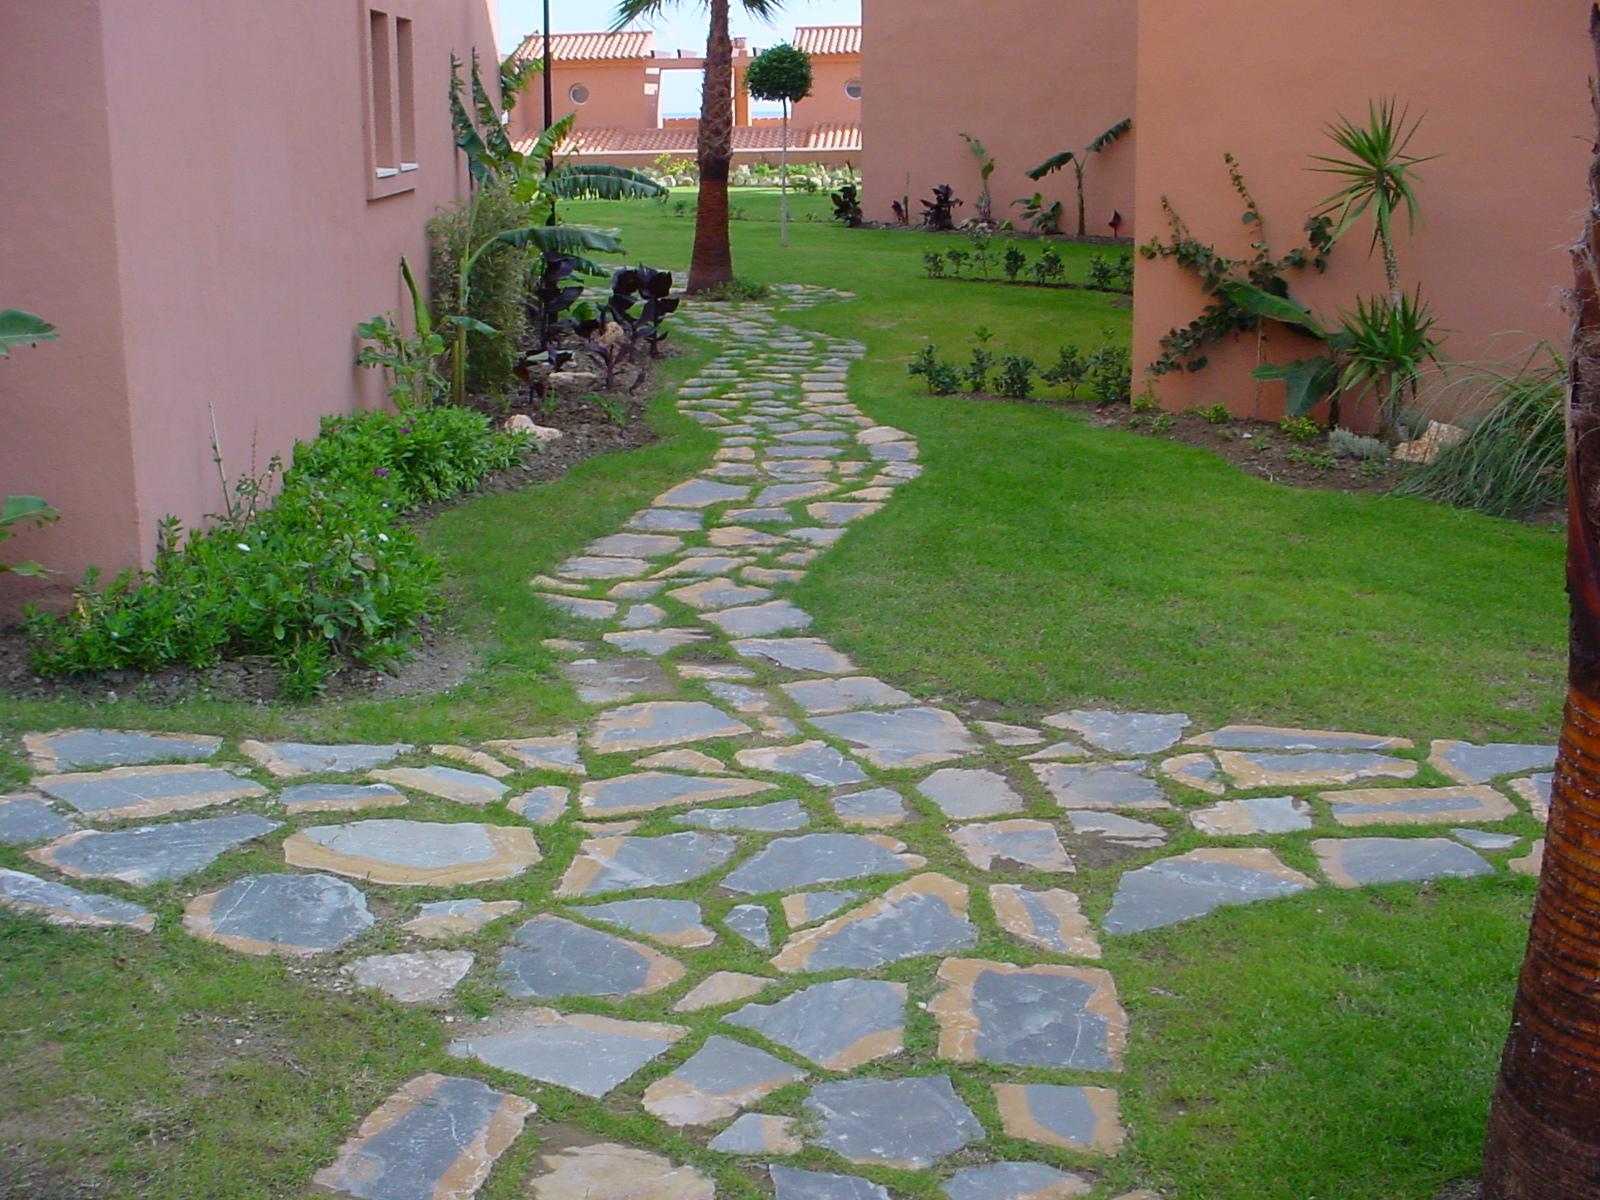 Piedras para caminos de jardin resultado de imagen para - Camino de piedras para jardin ...